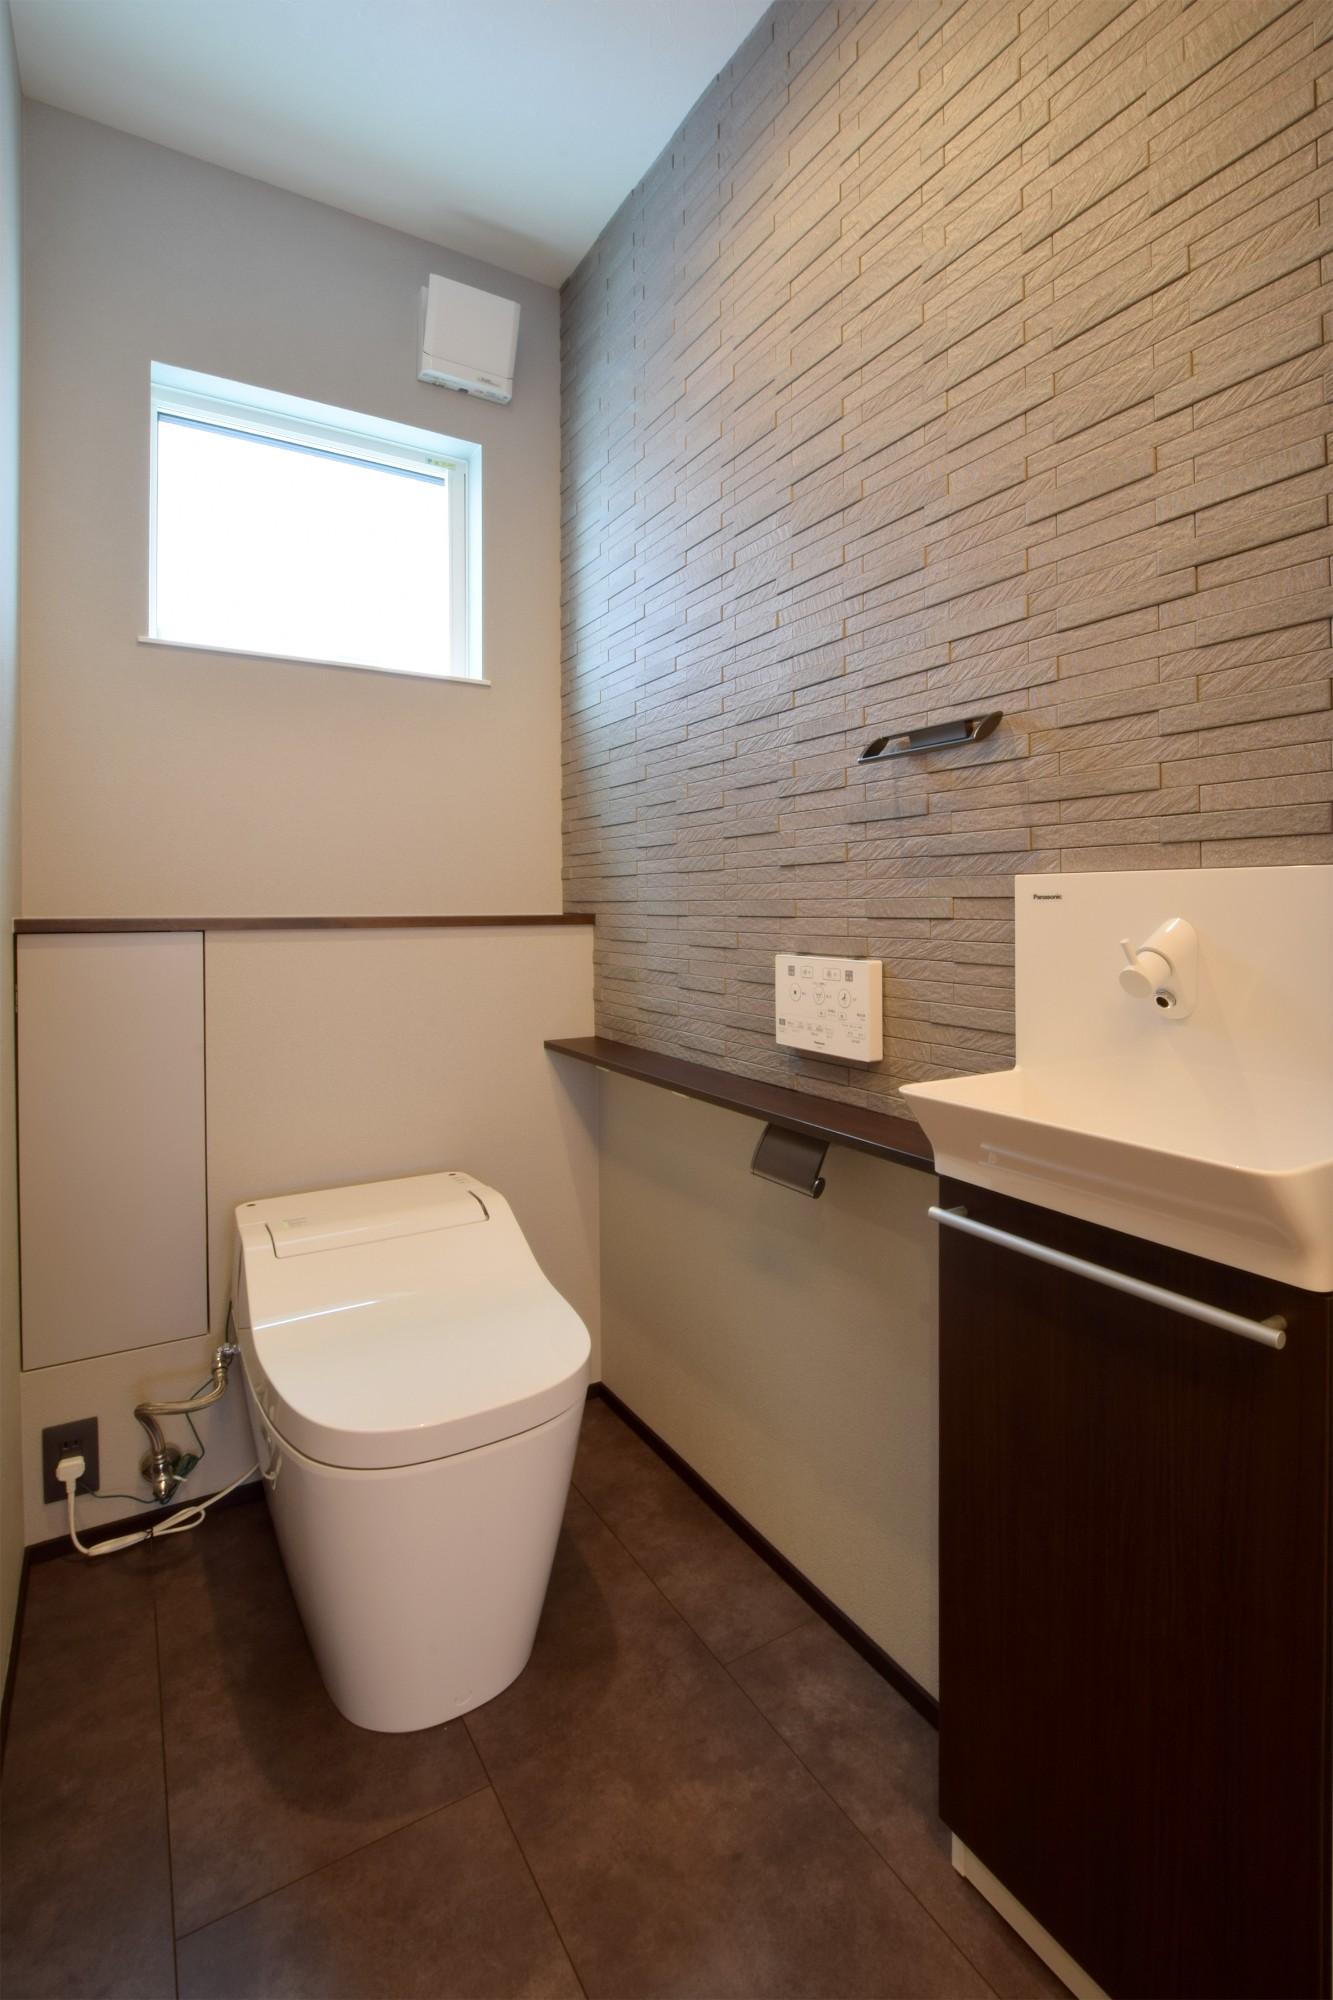 DETAIL HOME(ディテールホーム)「おうち時間を大切にした住まい」のシンプル・ナチュラルなトイレの実例写真